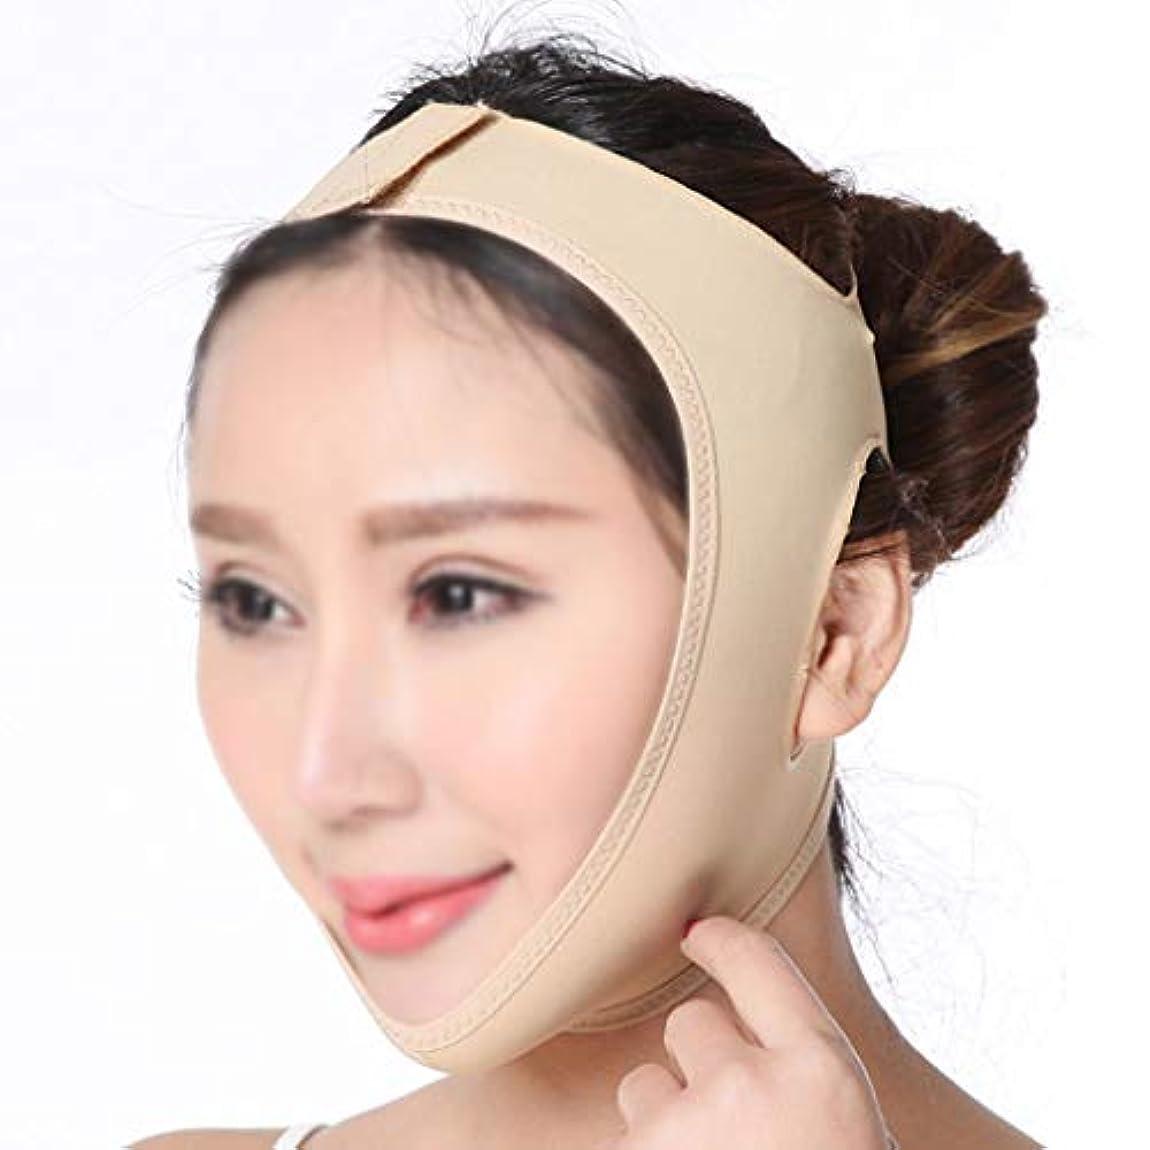 揃える売上高マニフェストTLMY 薄い顔のアーティファクトVマスク薄い顔の包帯/顔の引き締め痩身包帯通気性二重あご減量マスク 顔用整形マスク (Size : L)